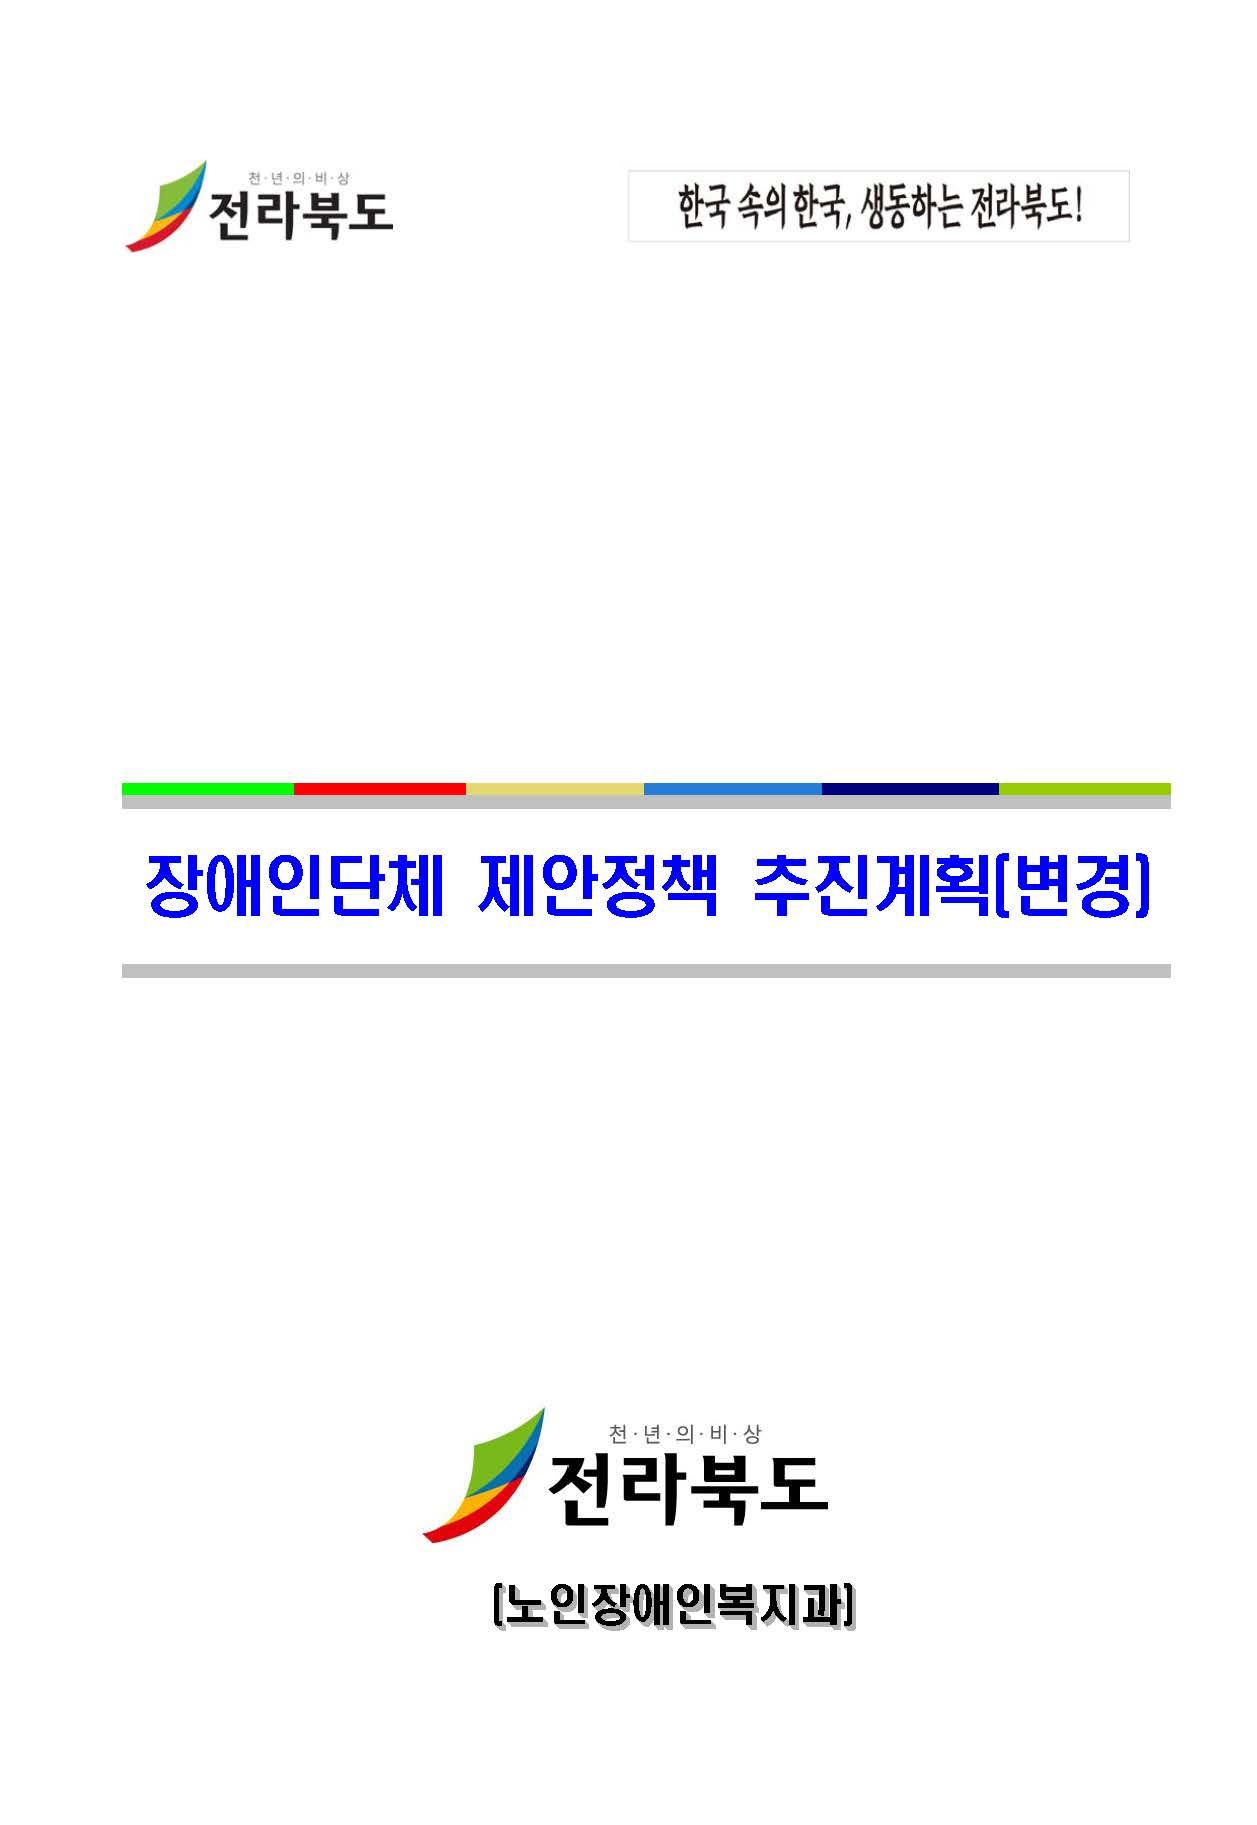 전북도 노인장애인복지과-21763(2016.12.23)호_페이지_04.jpg